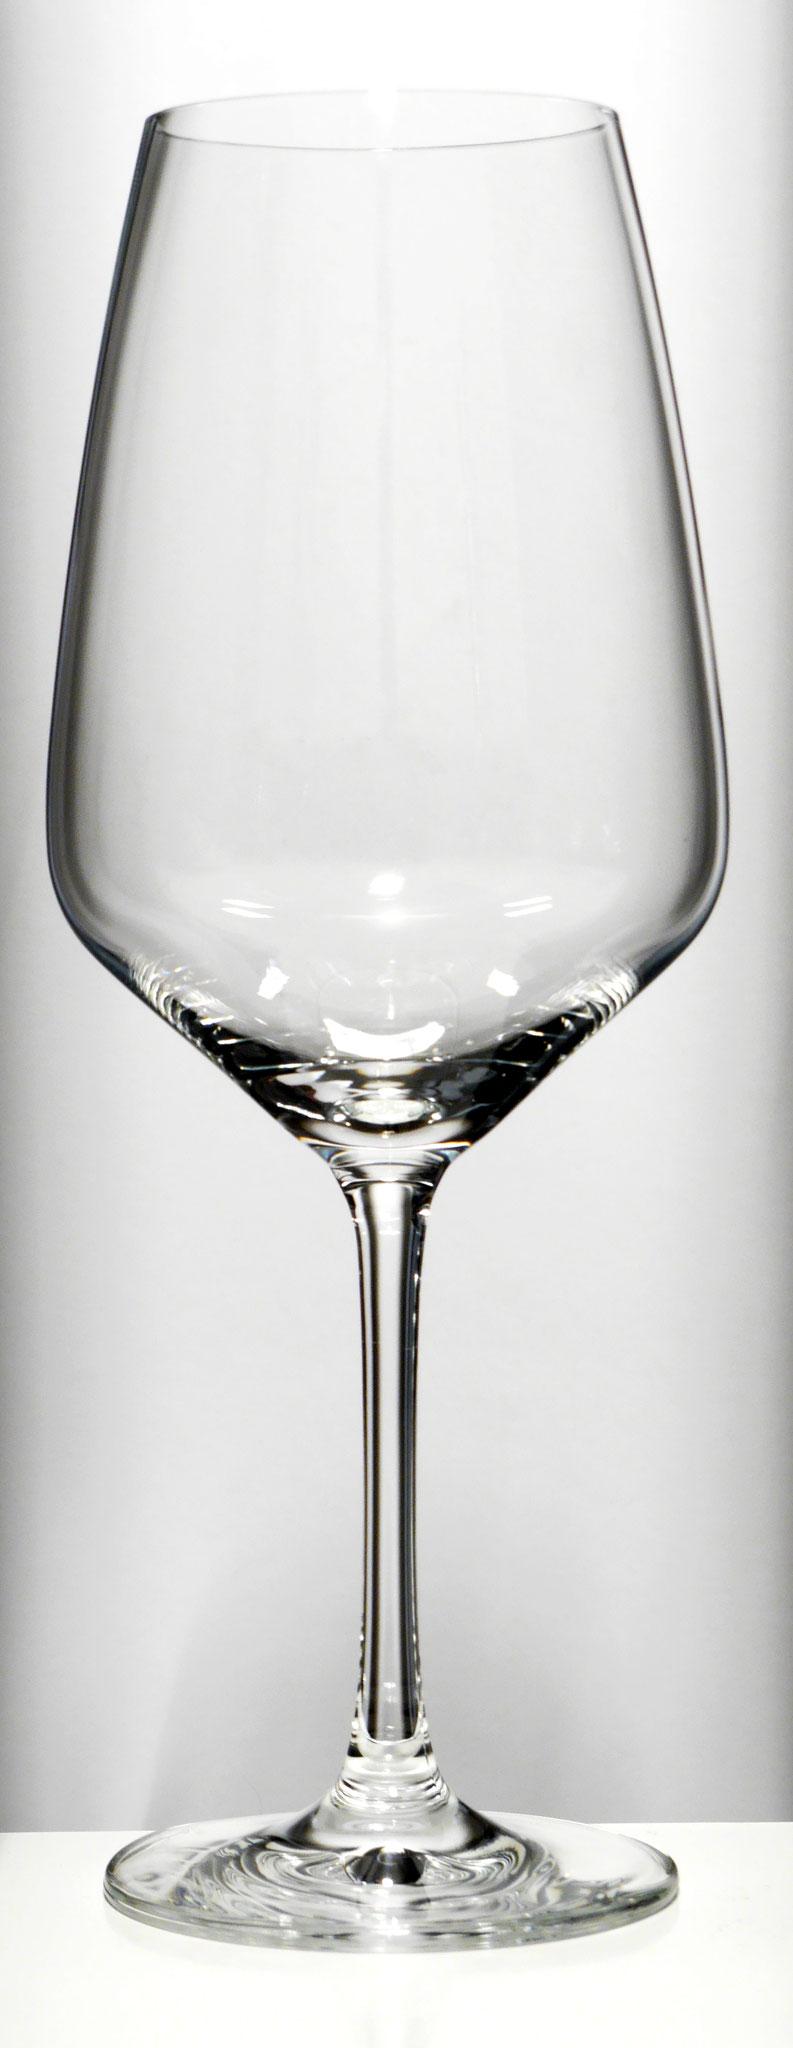 Taste Rotweinglas 497 ml